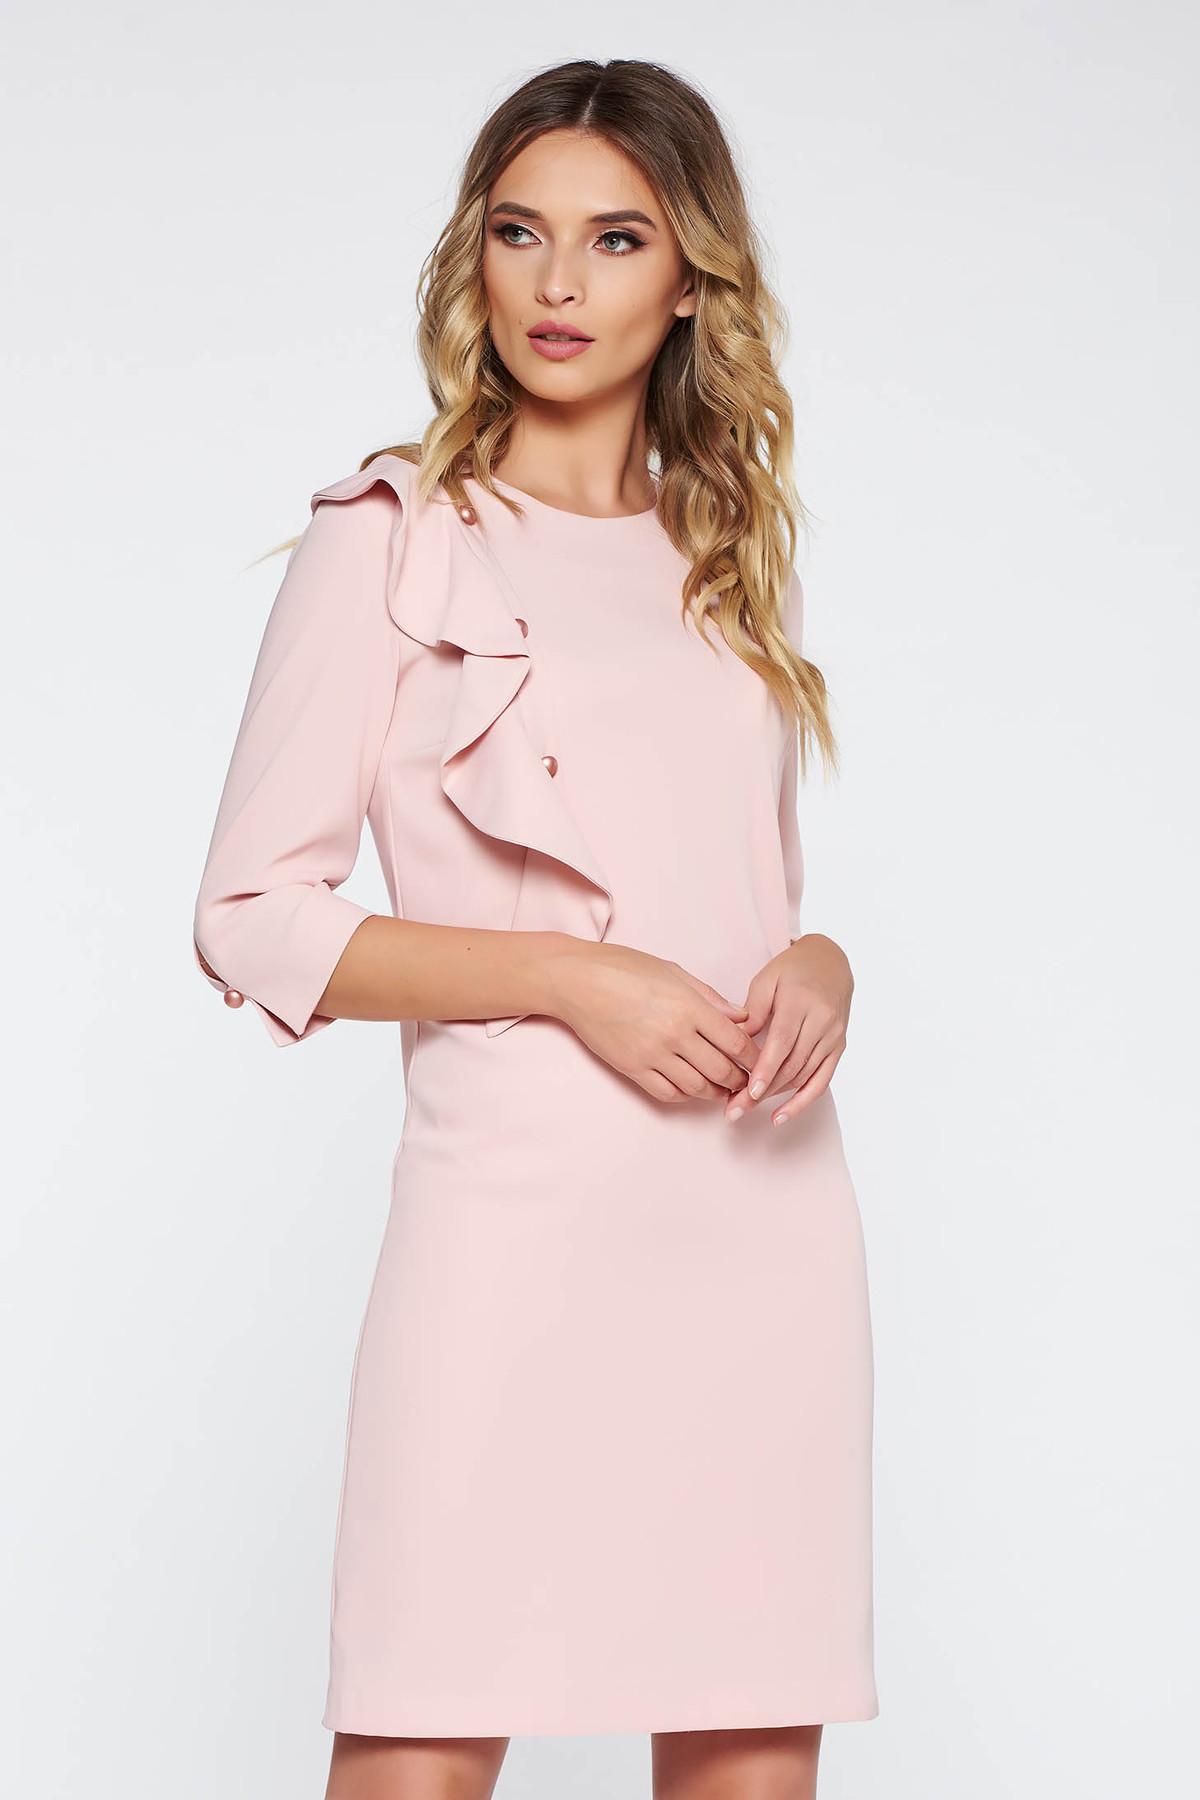 Rochie rosa eleganta cu maneca 3/4 cu croi larg captusita pe interior cu volanase